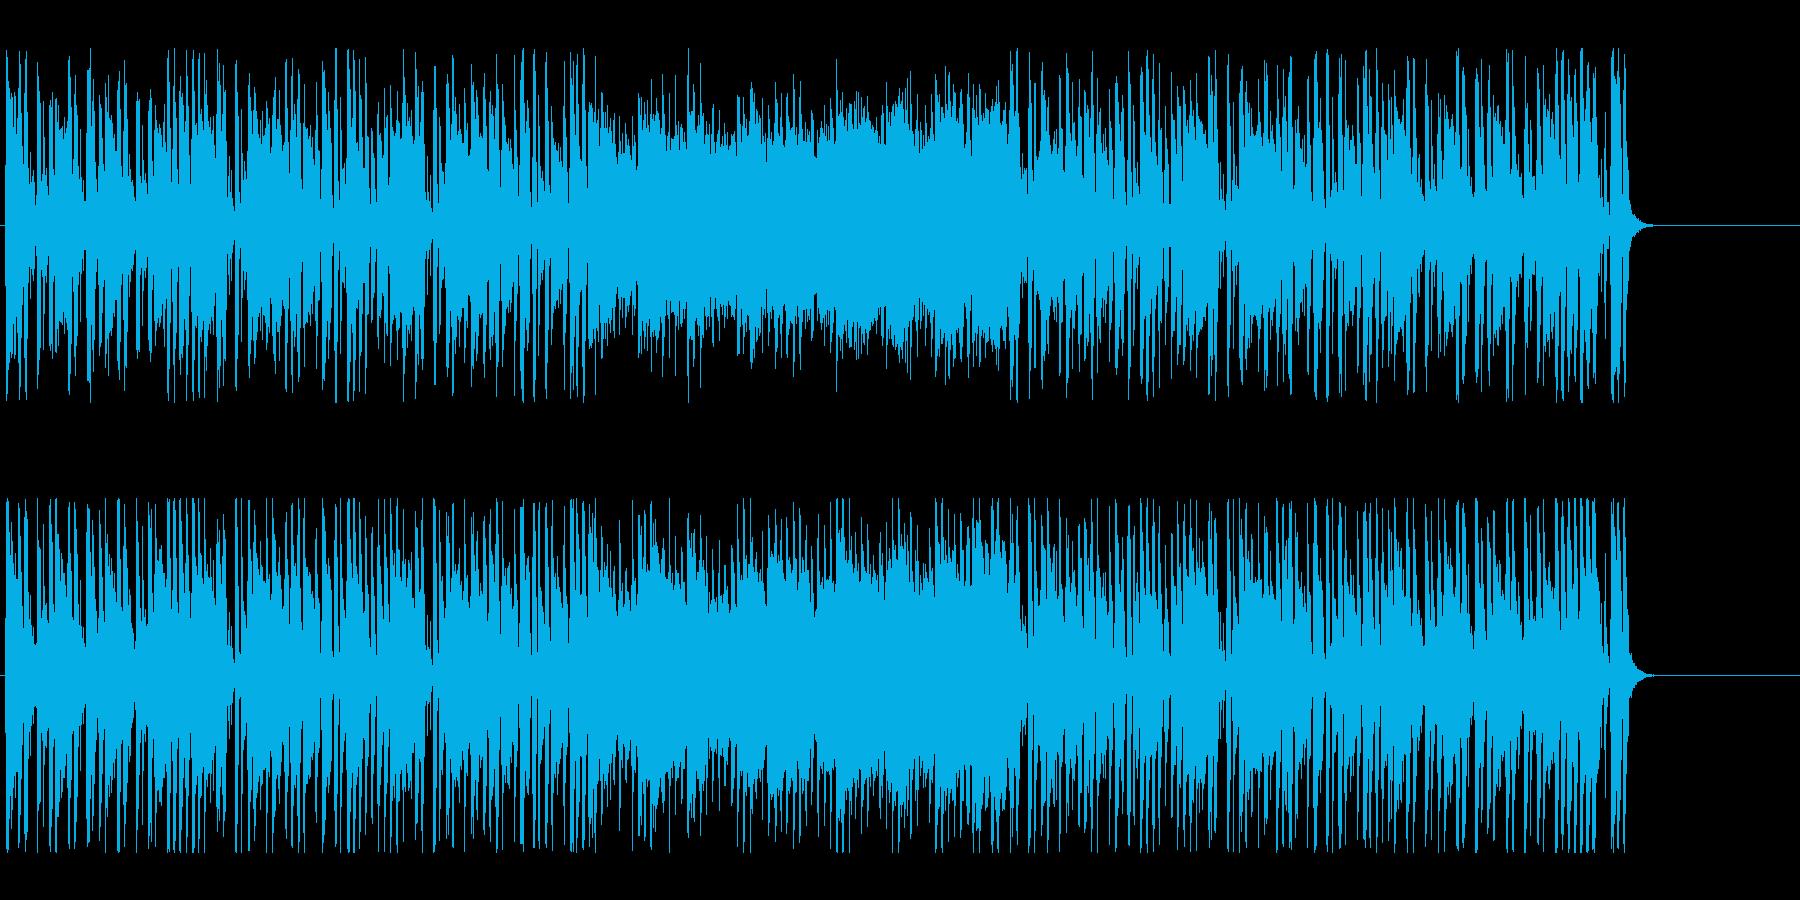 楽しい いきいき かわいい 元気 情報の再生済みの波形